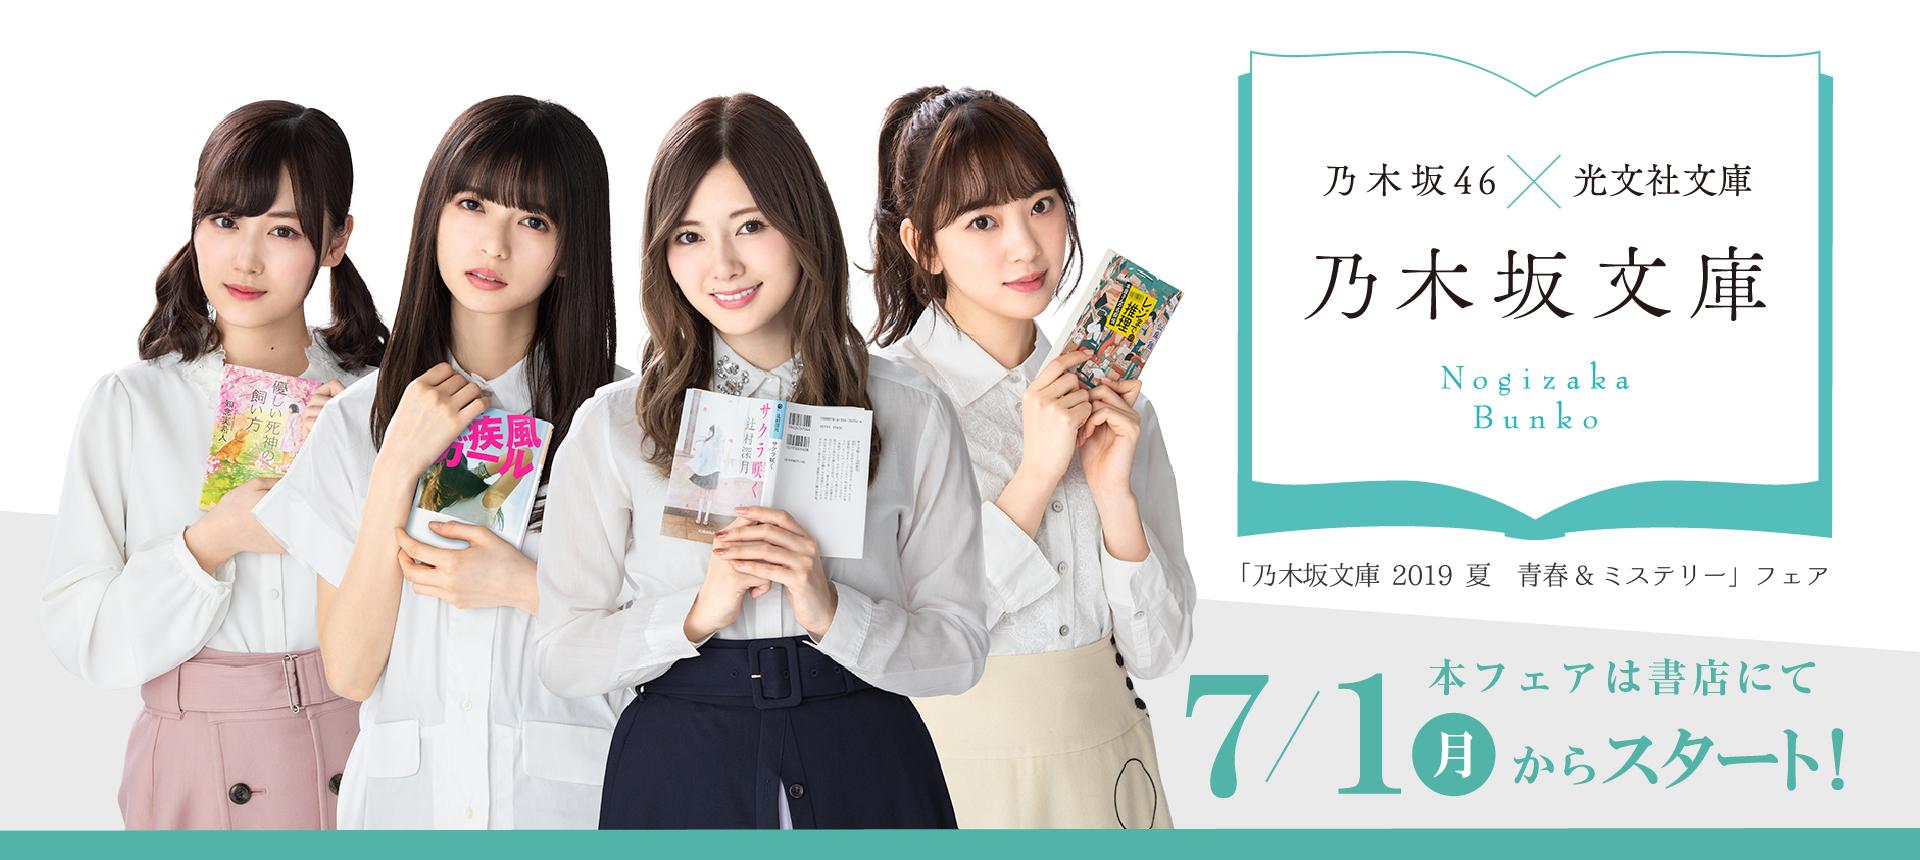 乃木坂46×光文社文庫「乃木坂文庫」